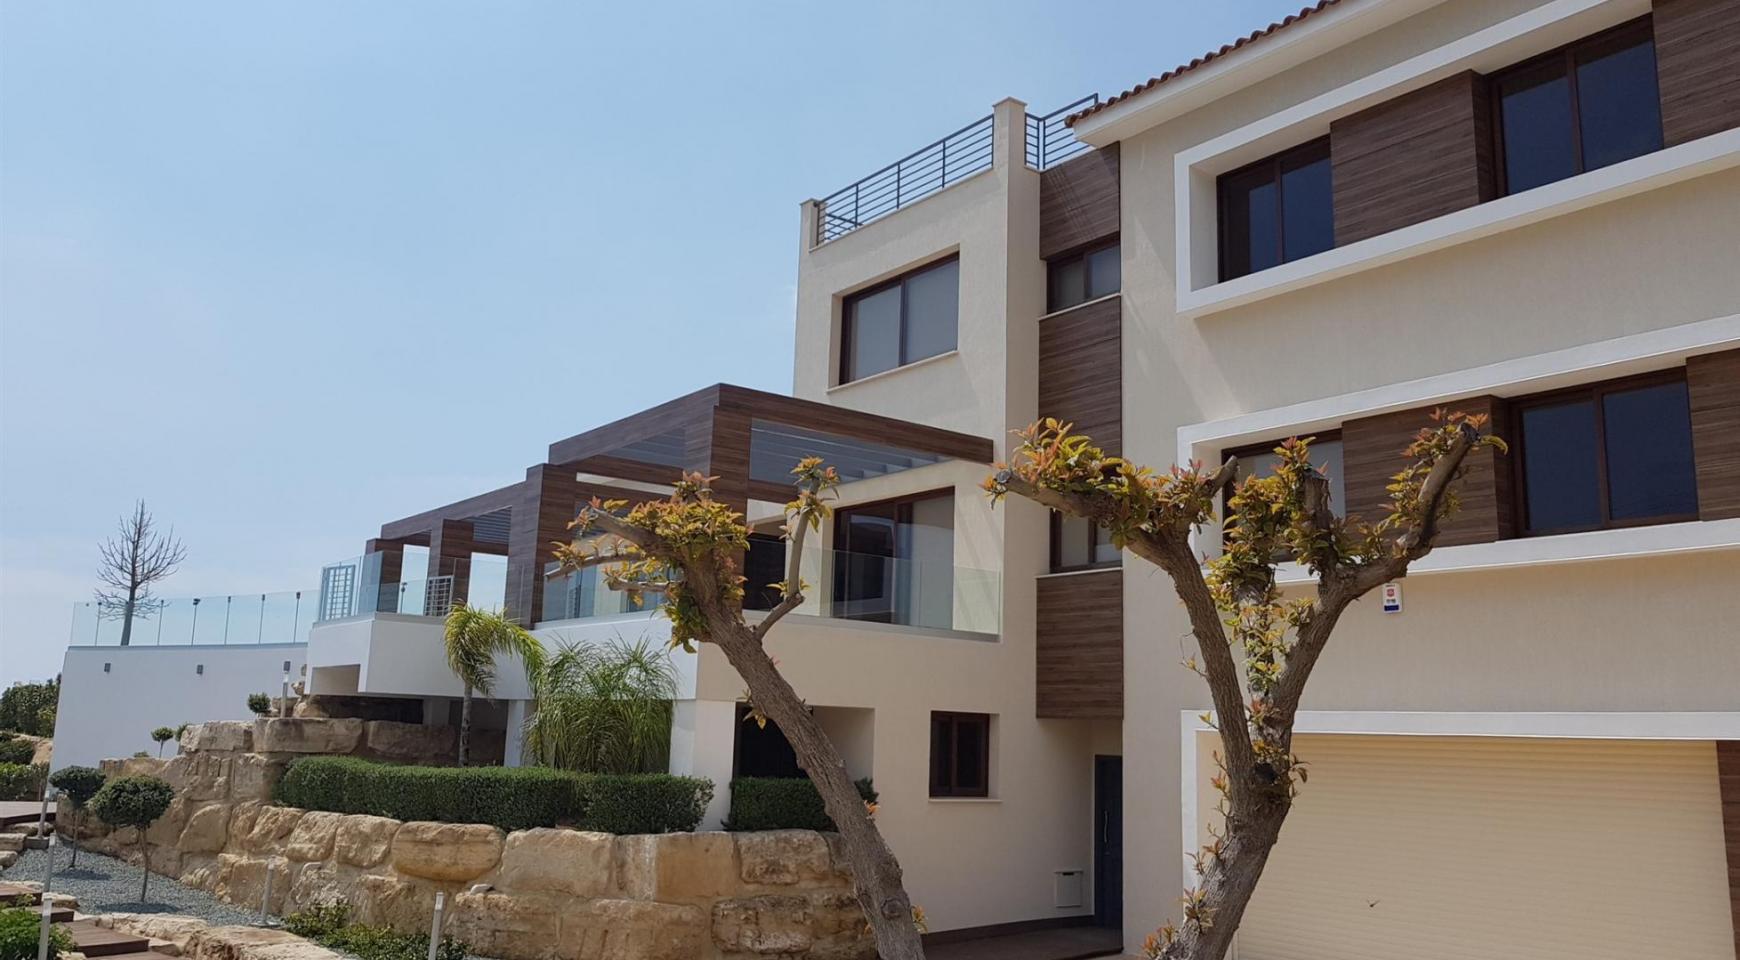 6 Bedroom Villa with Breathtaking Sea Views - 4